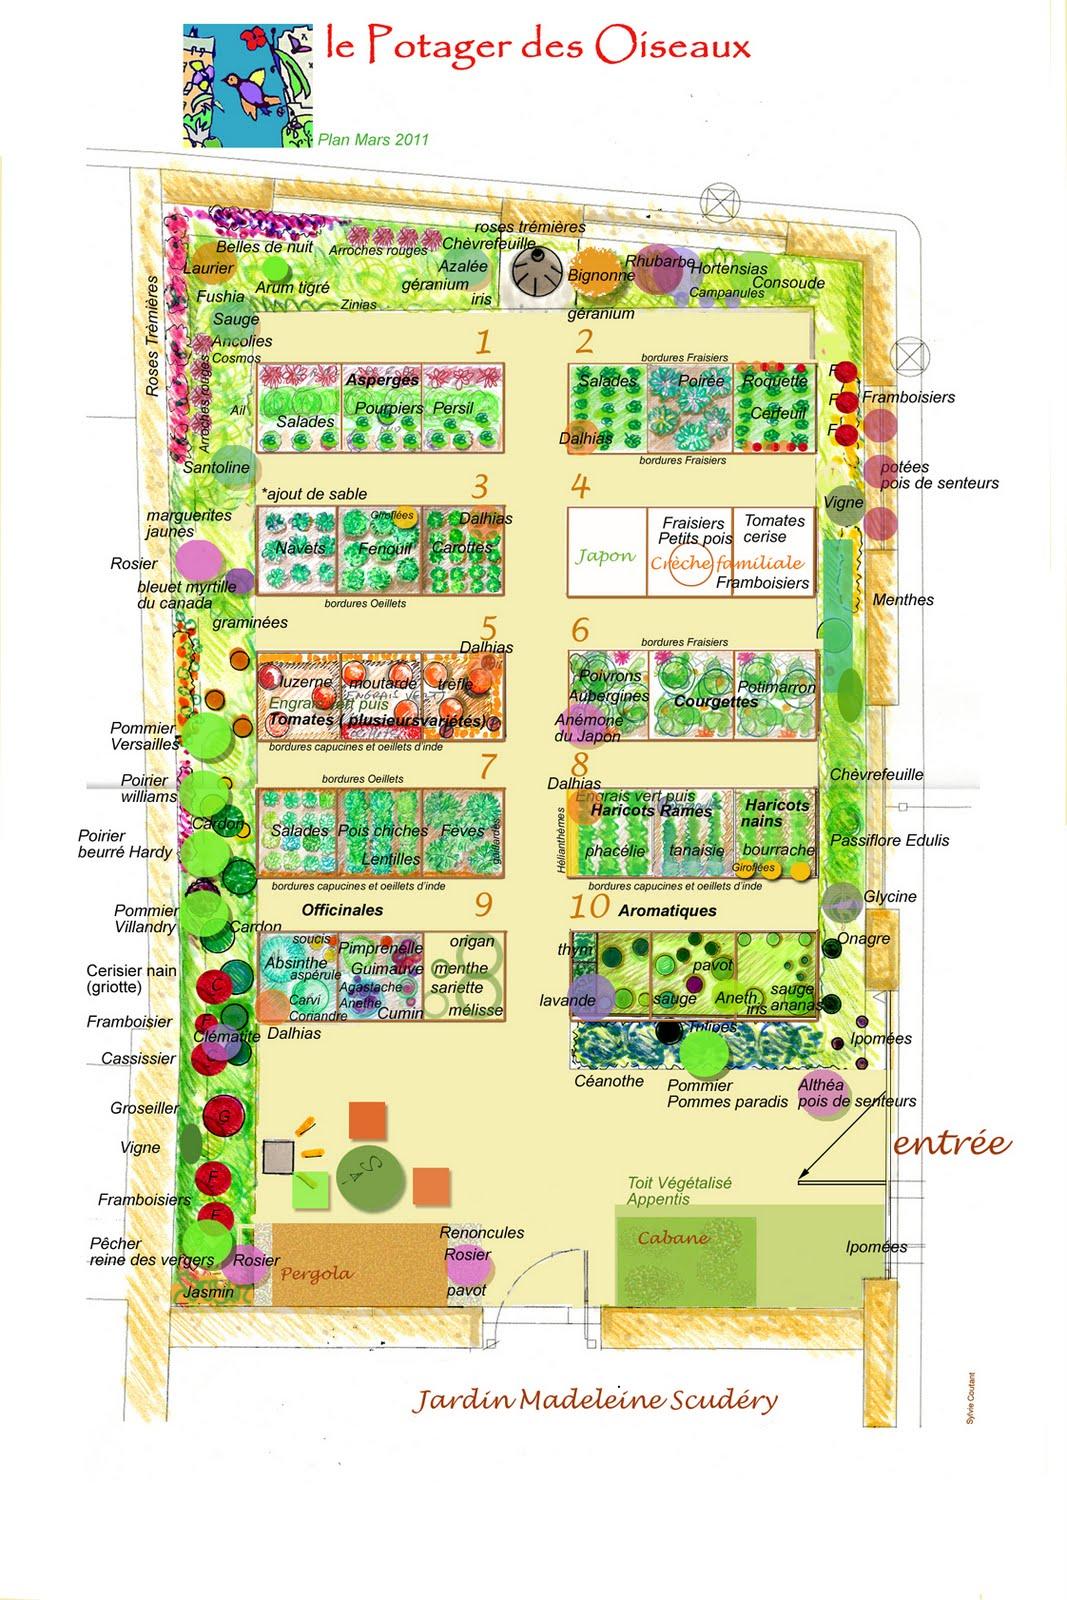 le plan du potager pour l 39 an 2011 jardin potager des oiseaux. Black Bedroom Furniture Sets. Home Design Ideas